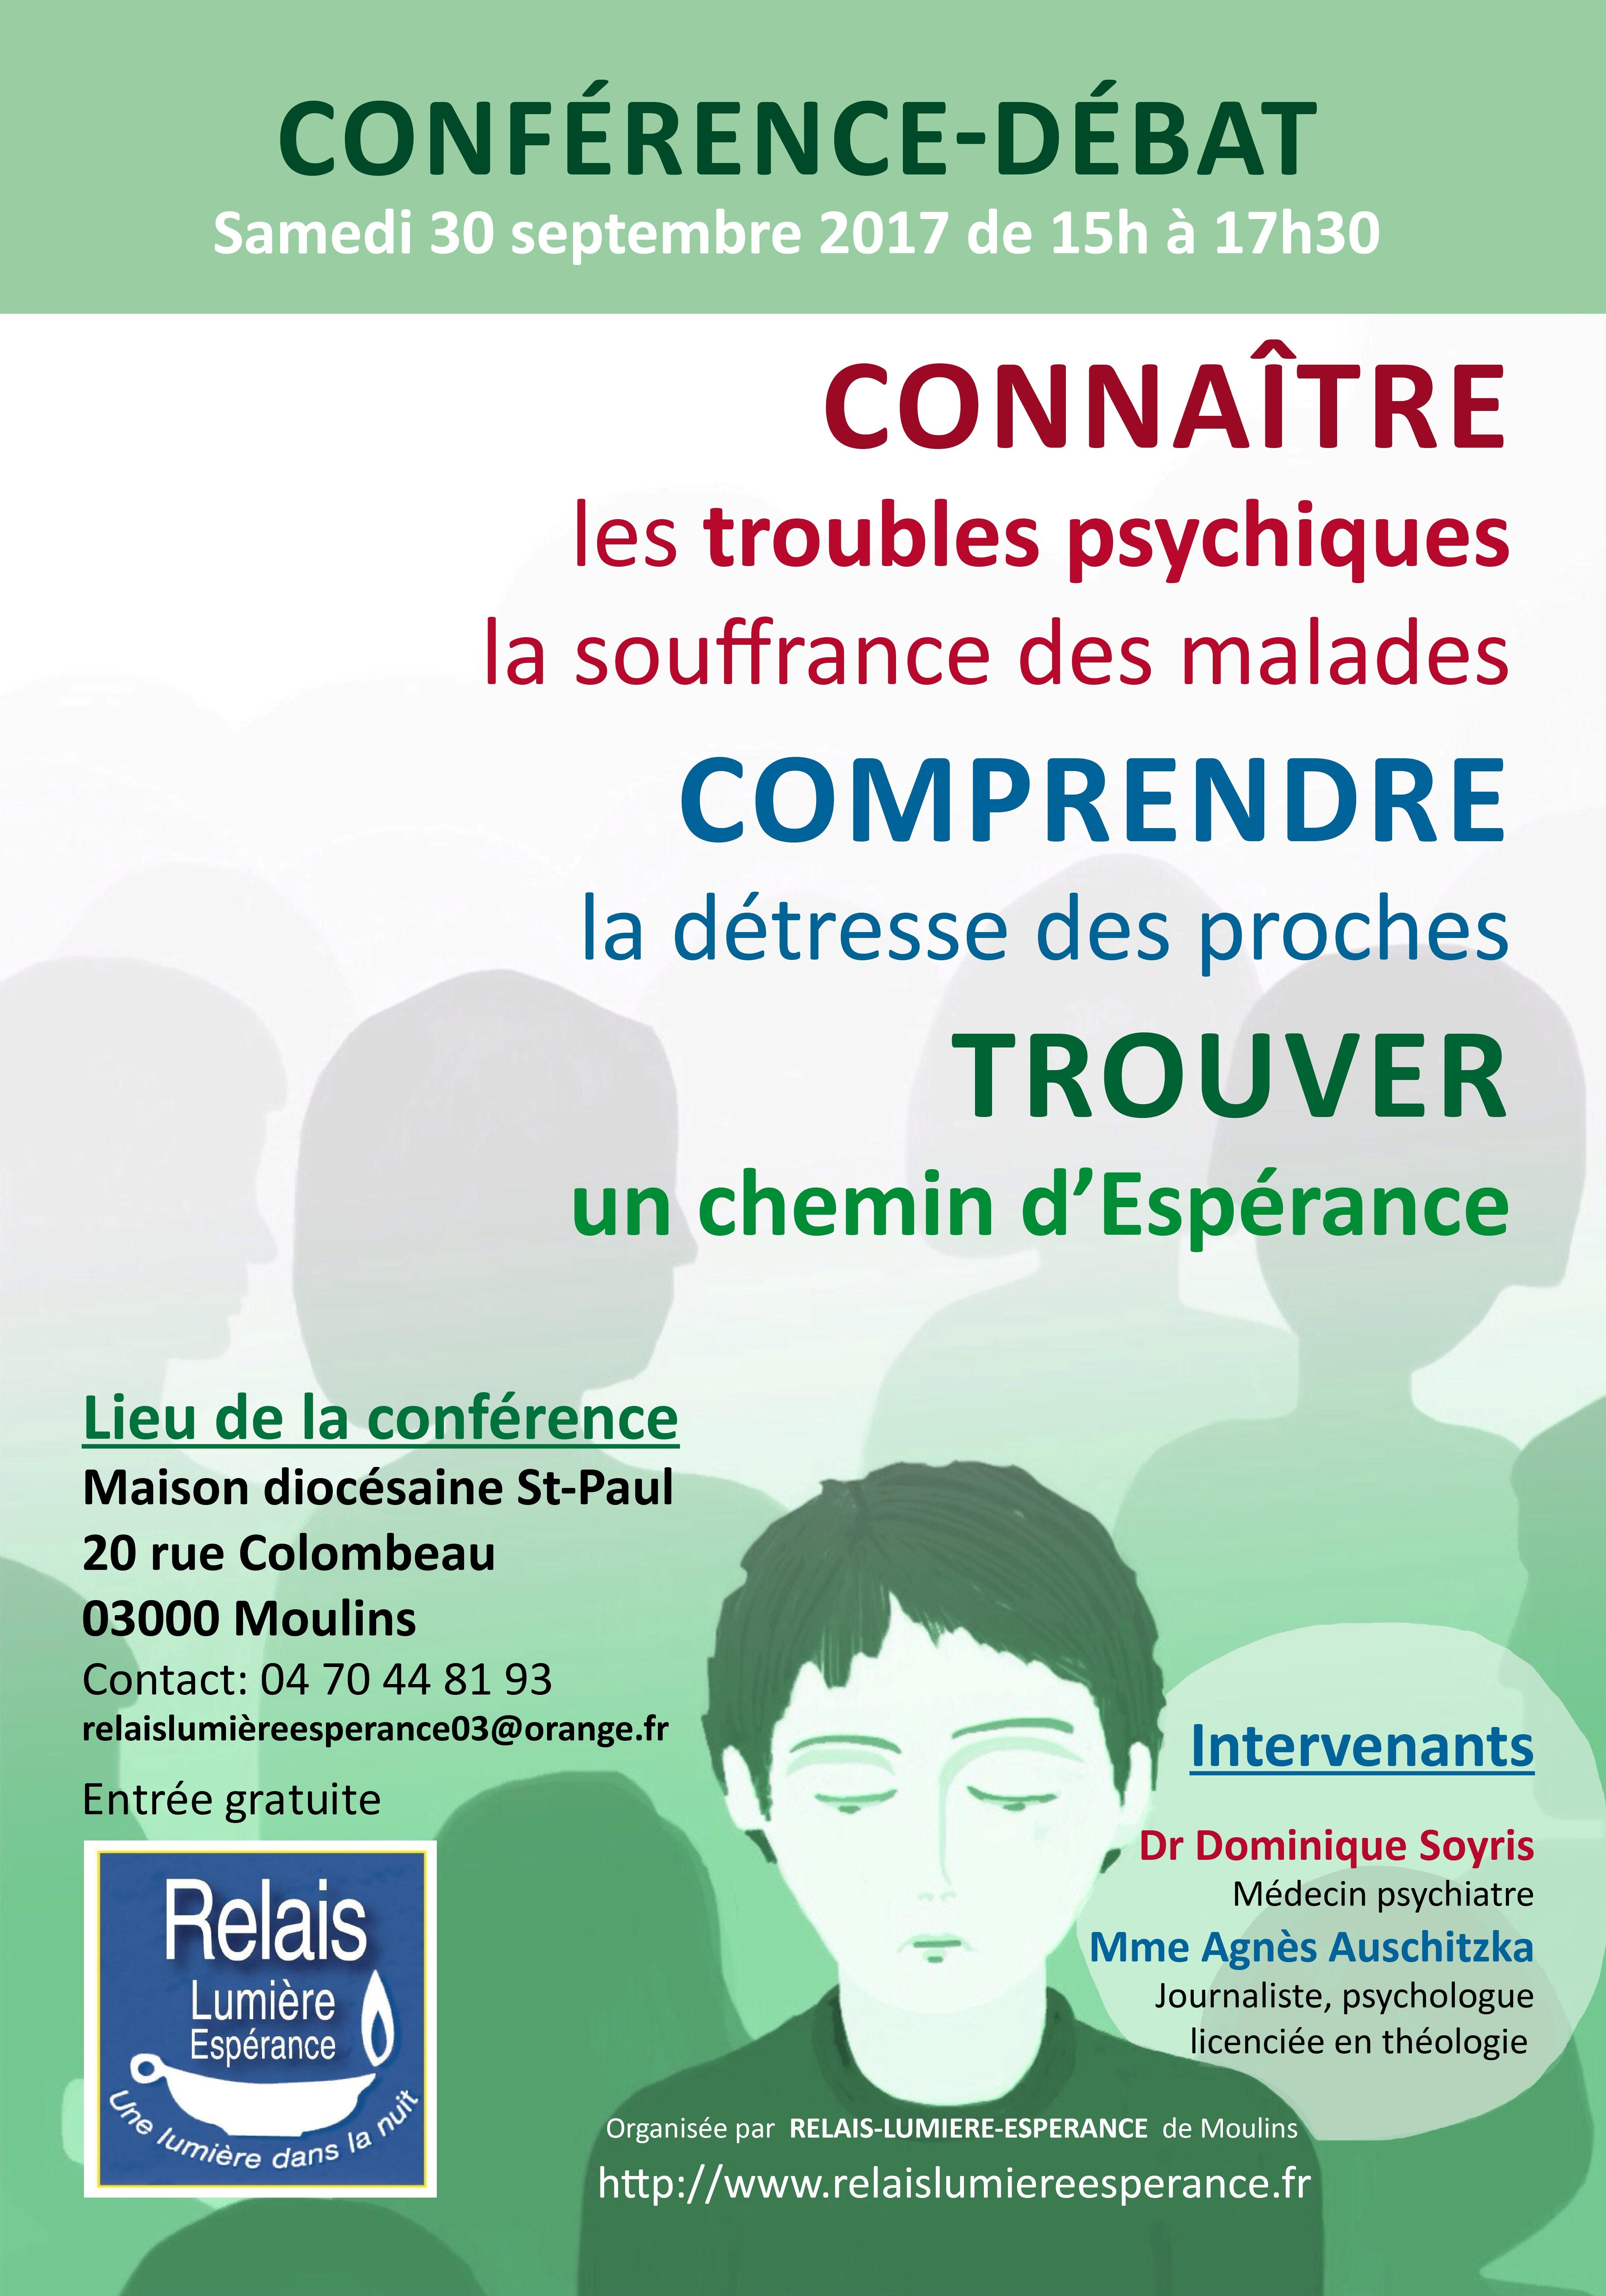 Affiche conférence-débat - Diocèse de Moulins d2fbb3a6fd1